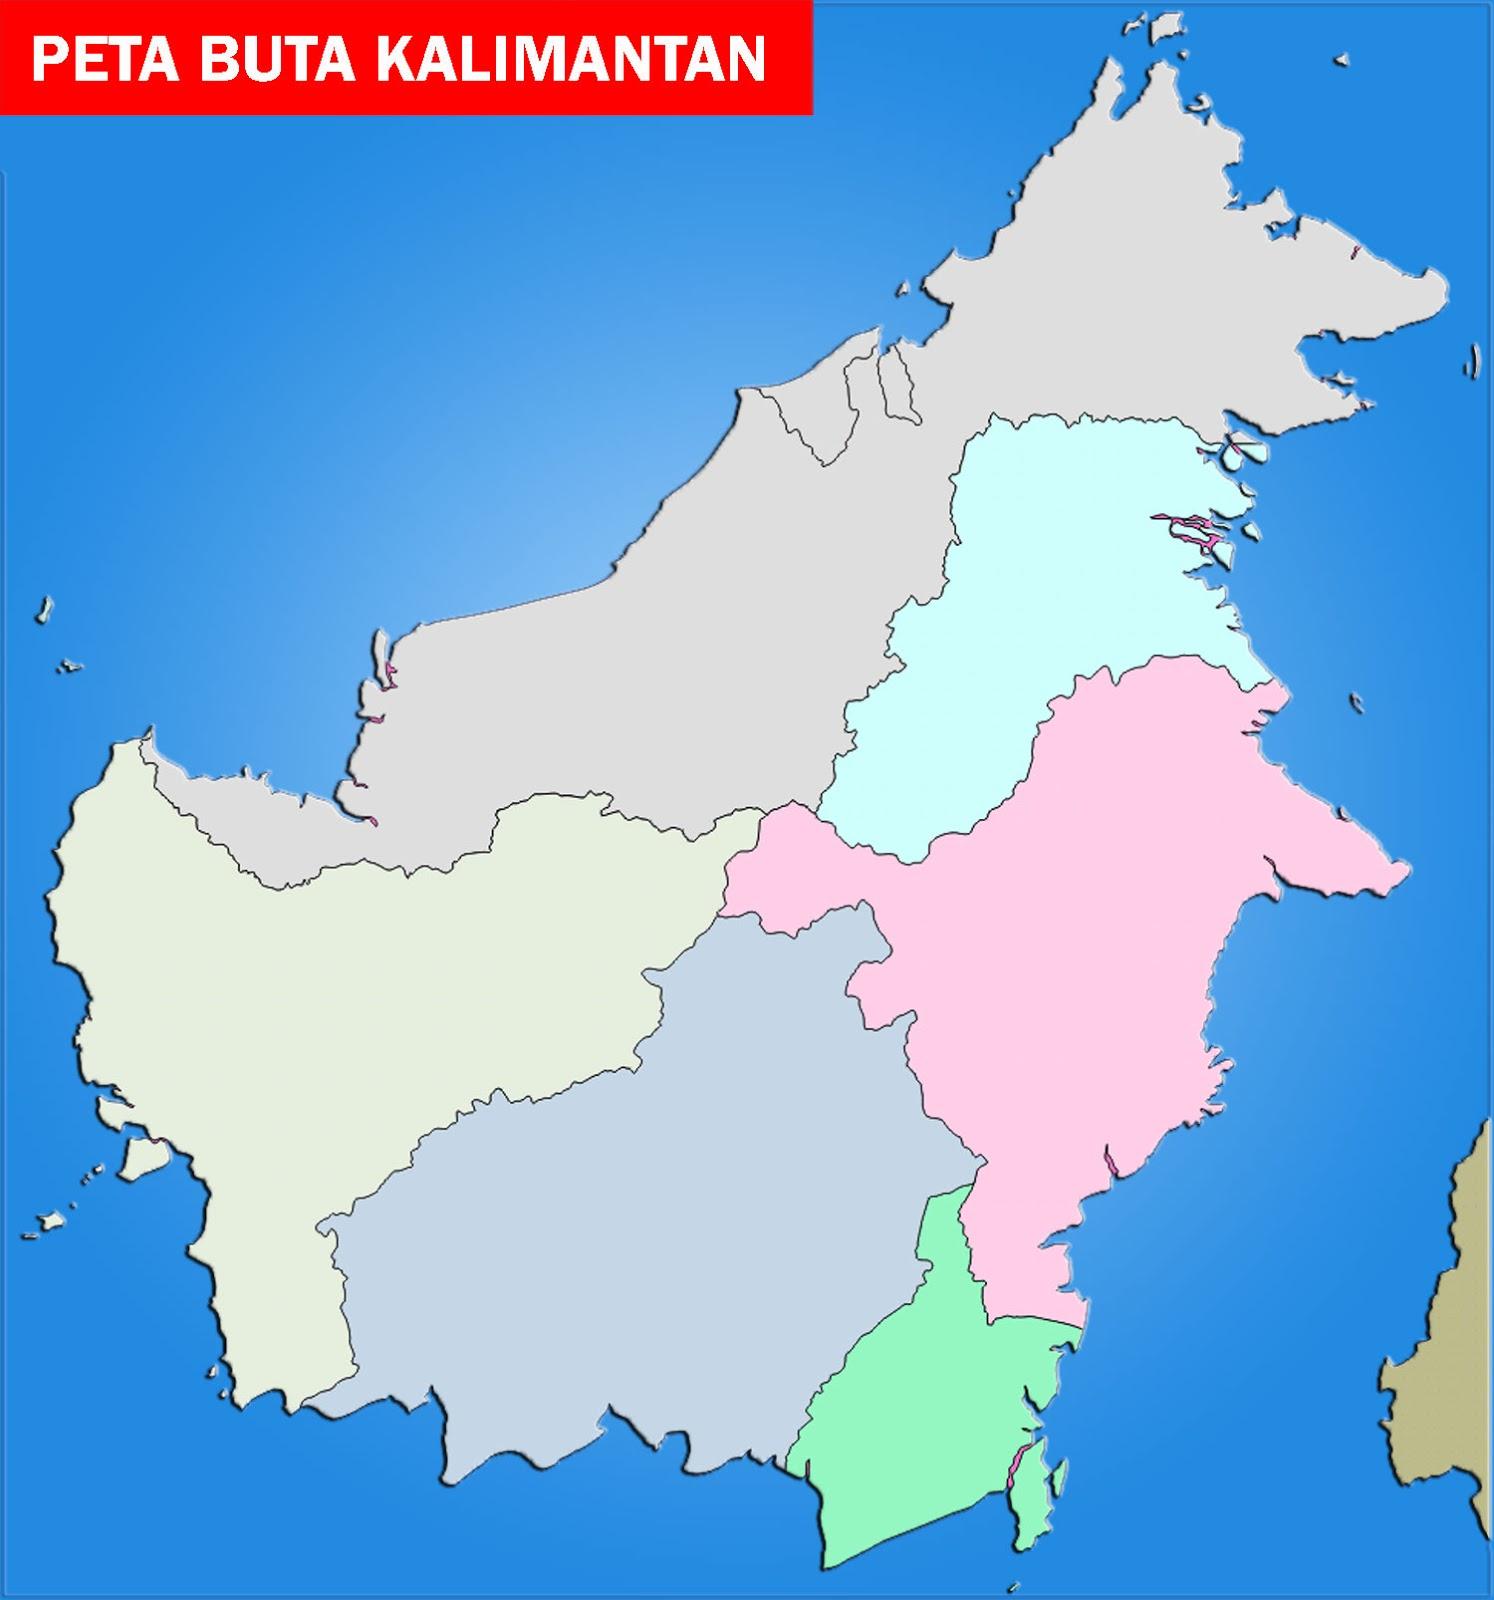 Peta Pulau Kalimantan Andhika Personal Blog Buta Gambar Bali Hitam